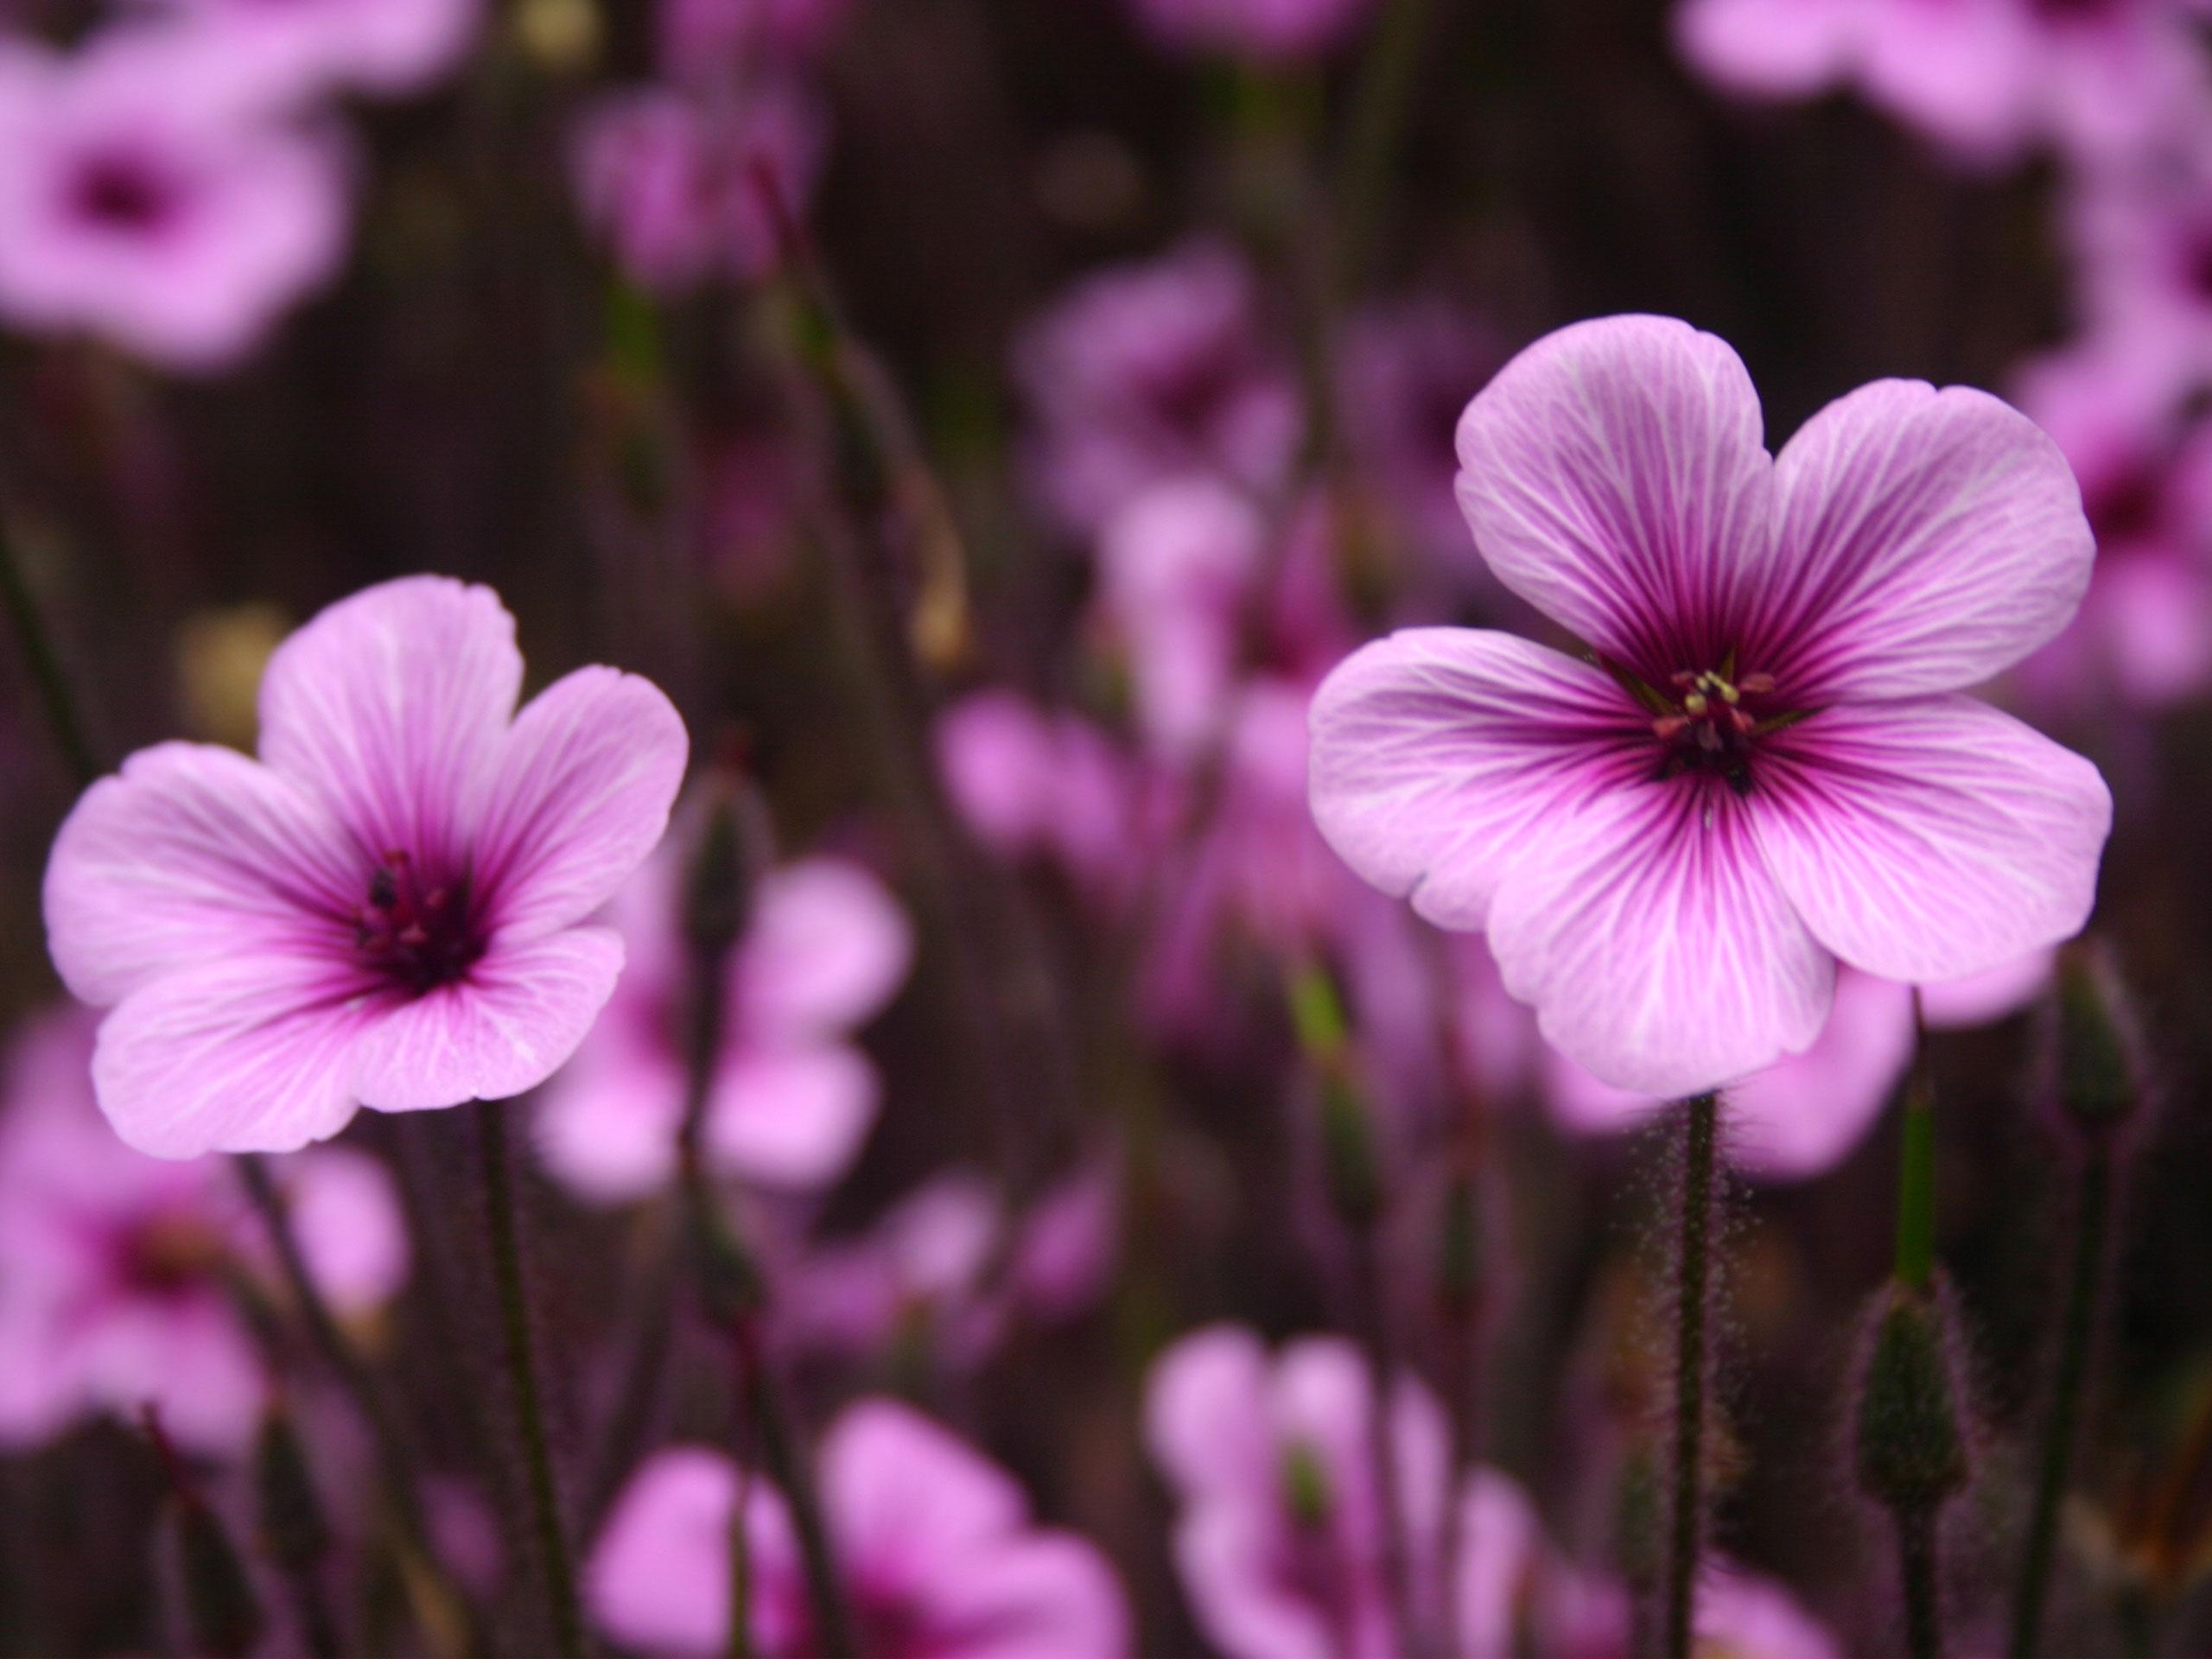 Purple Flowers 14045 2560x1920 Px Hdwallsource